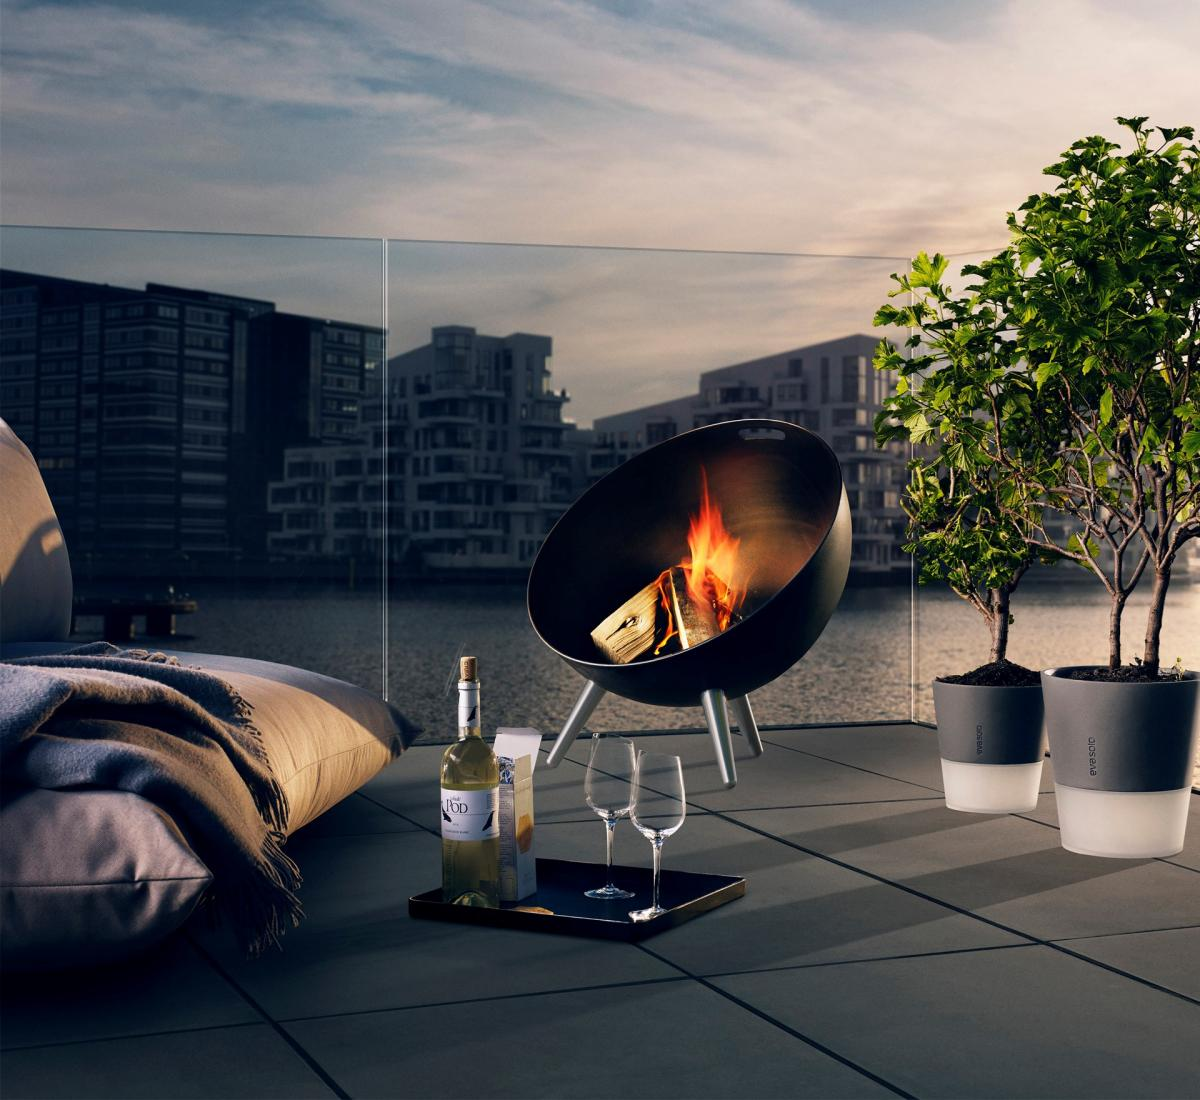 Déclarez votre flamme à votre jardin – Sorel-Tracy et Cie ...